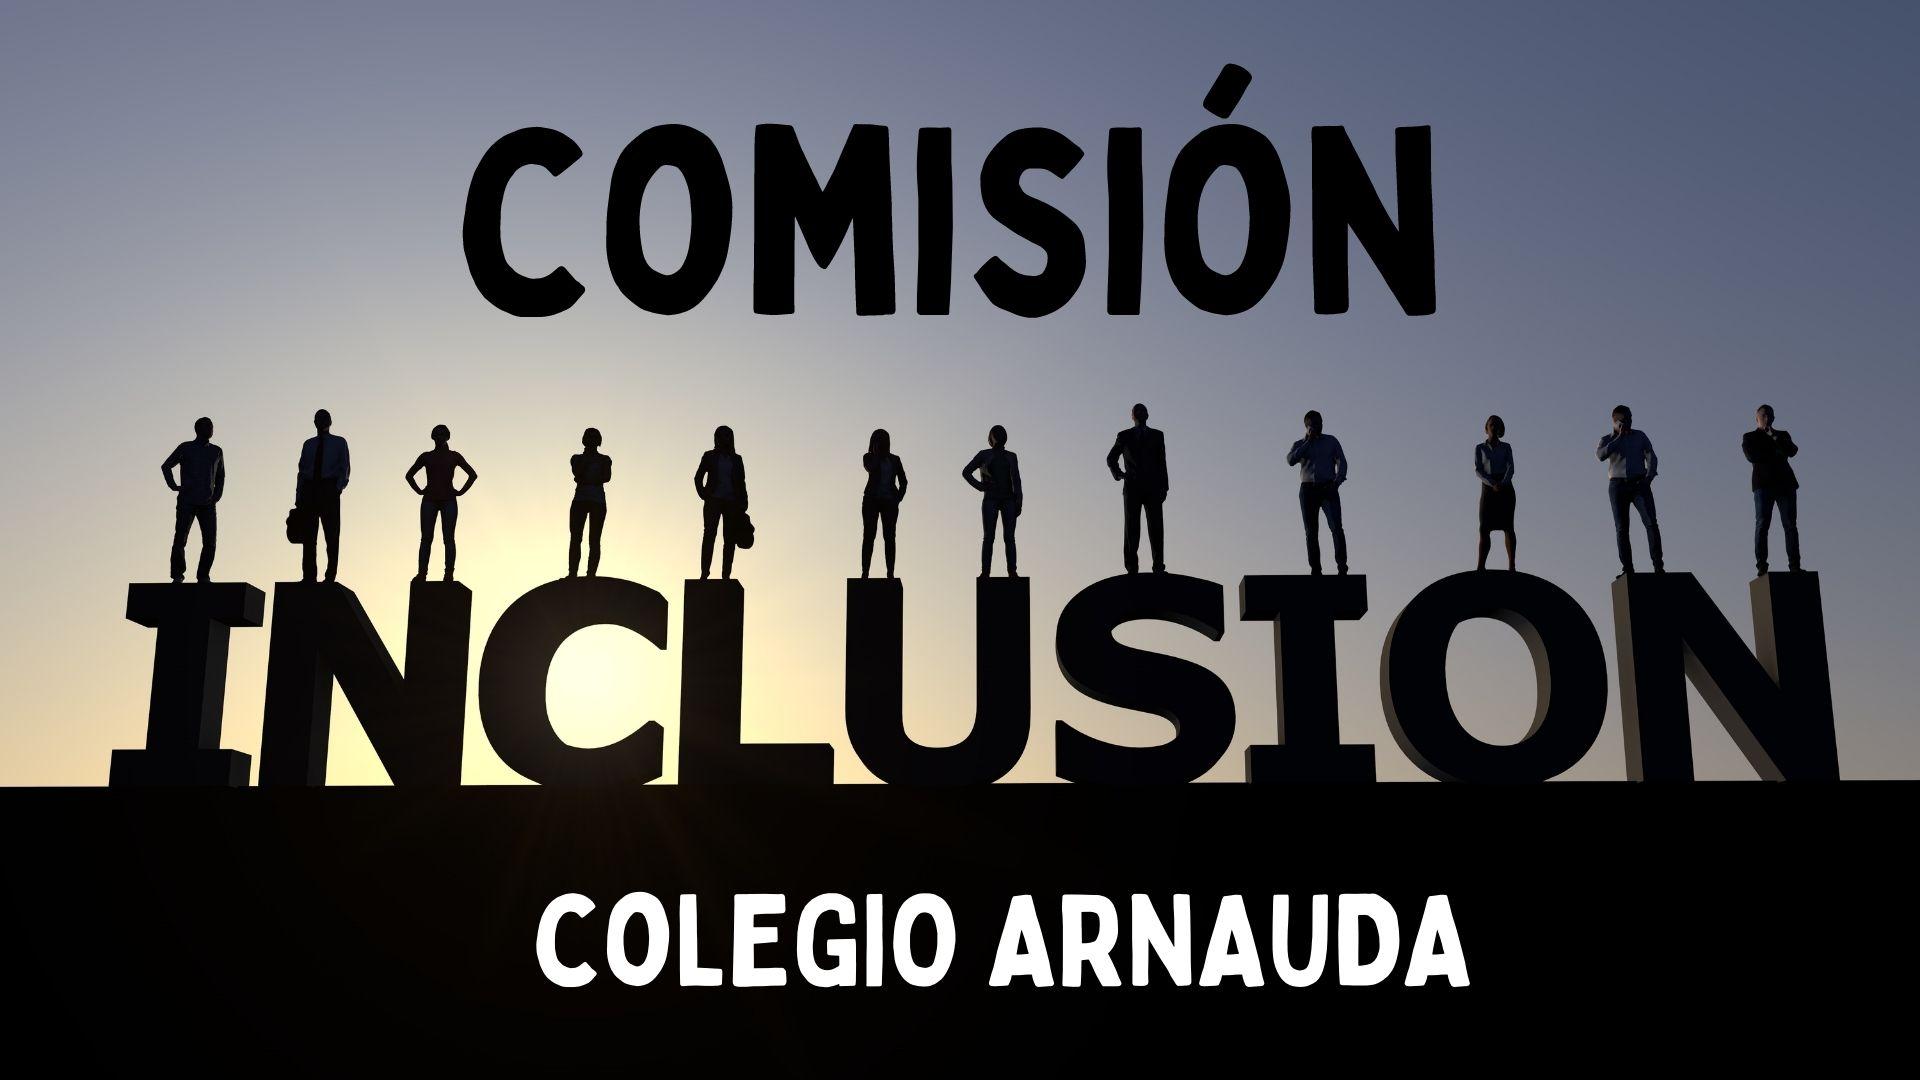 Comisión inclusión Colegio Arnauda